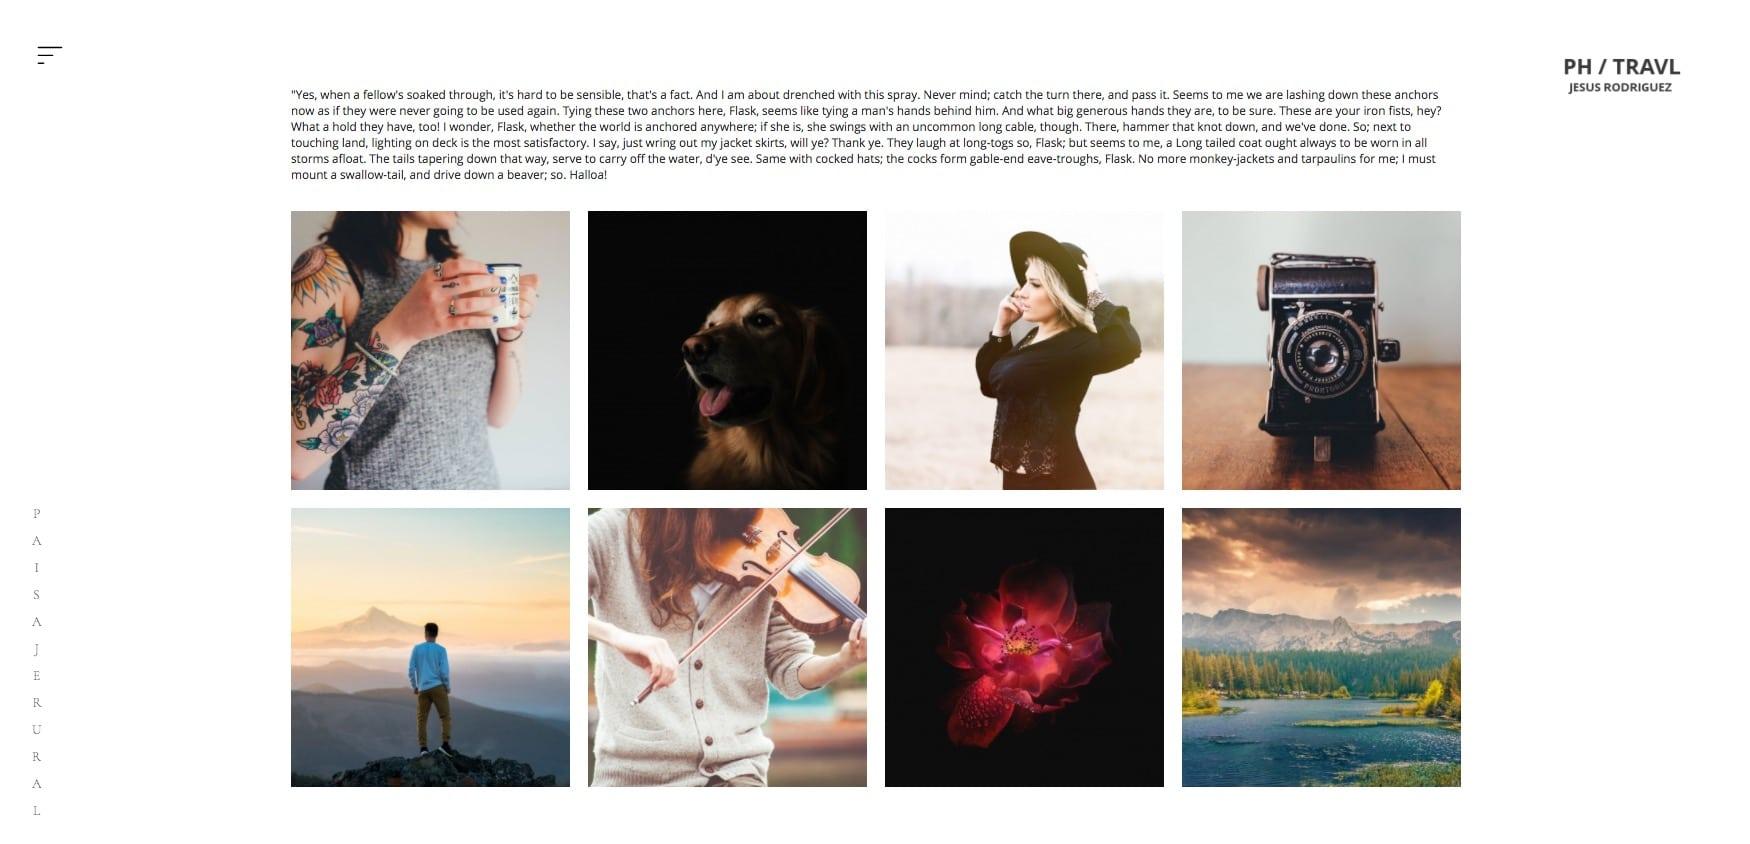 Una galeria de fotos acompañada de texto